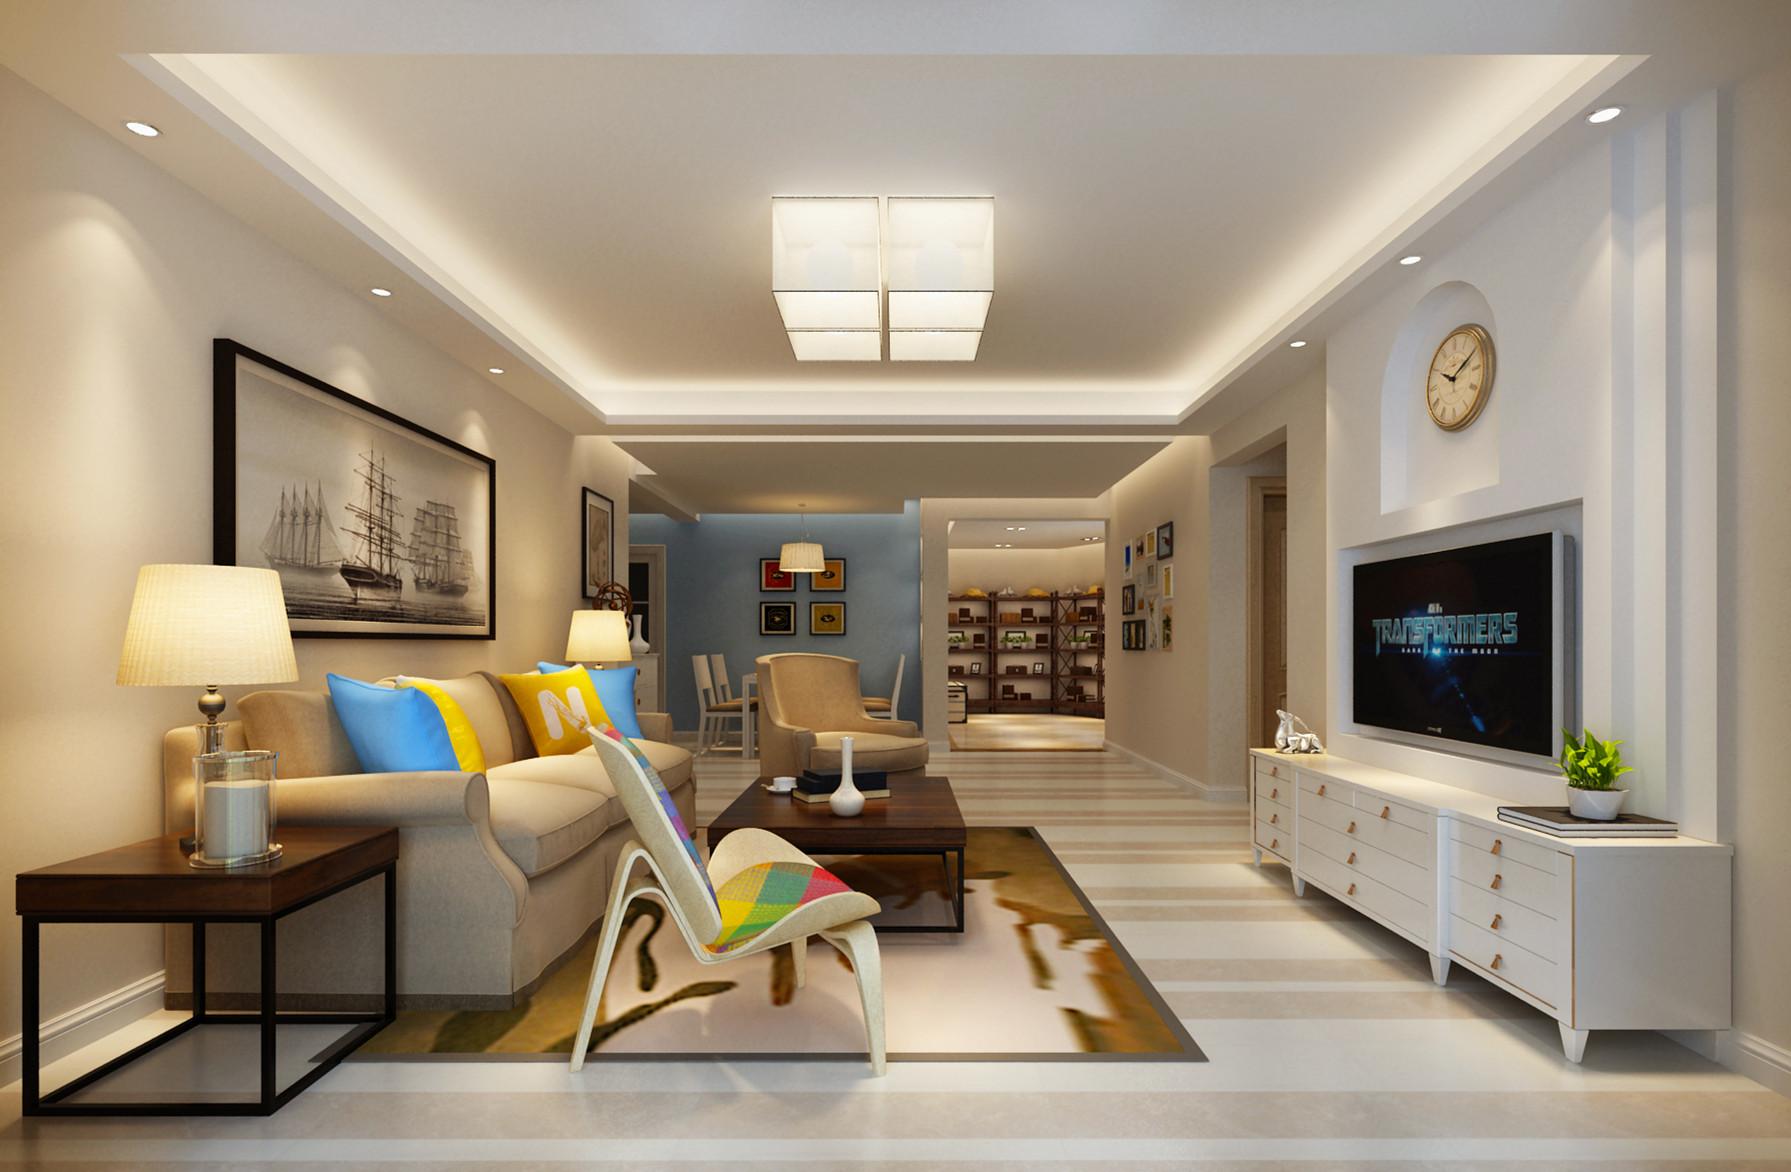 中海元居-法式风格-三居室-装修案例设计说明图片